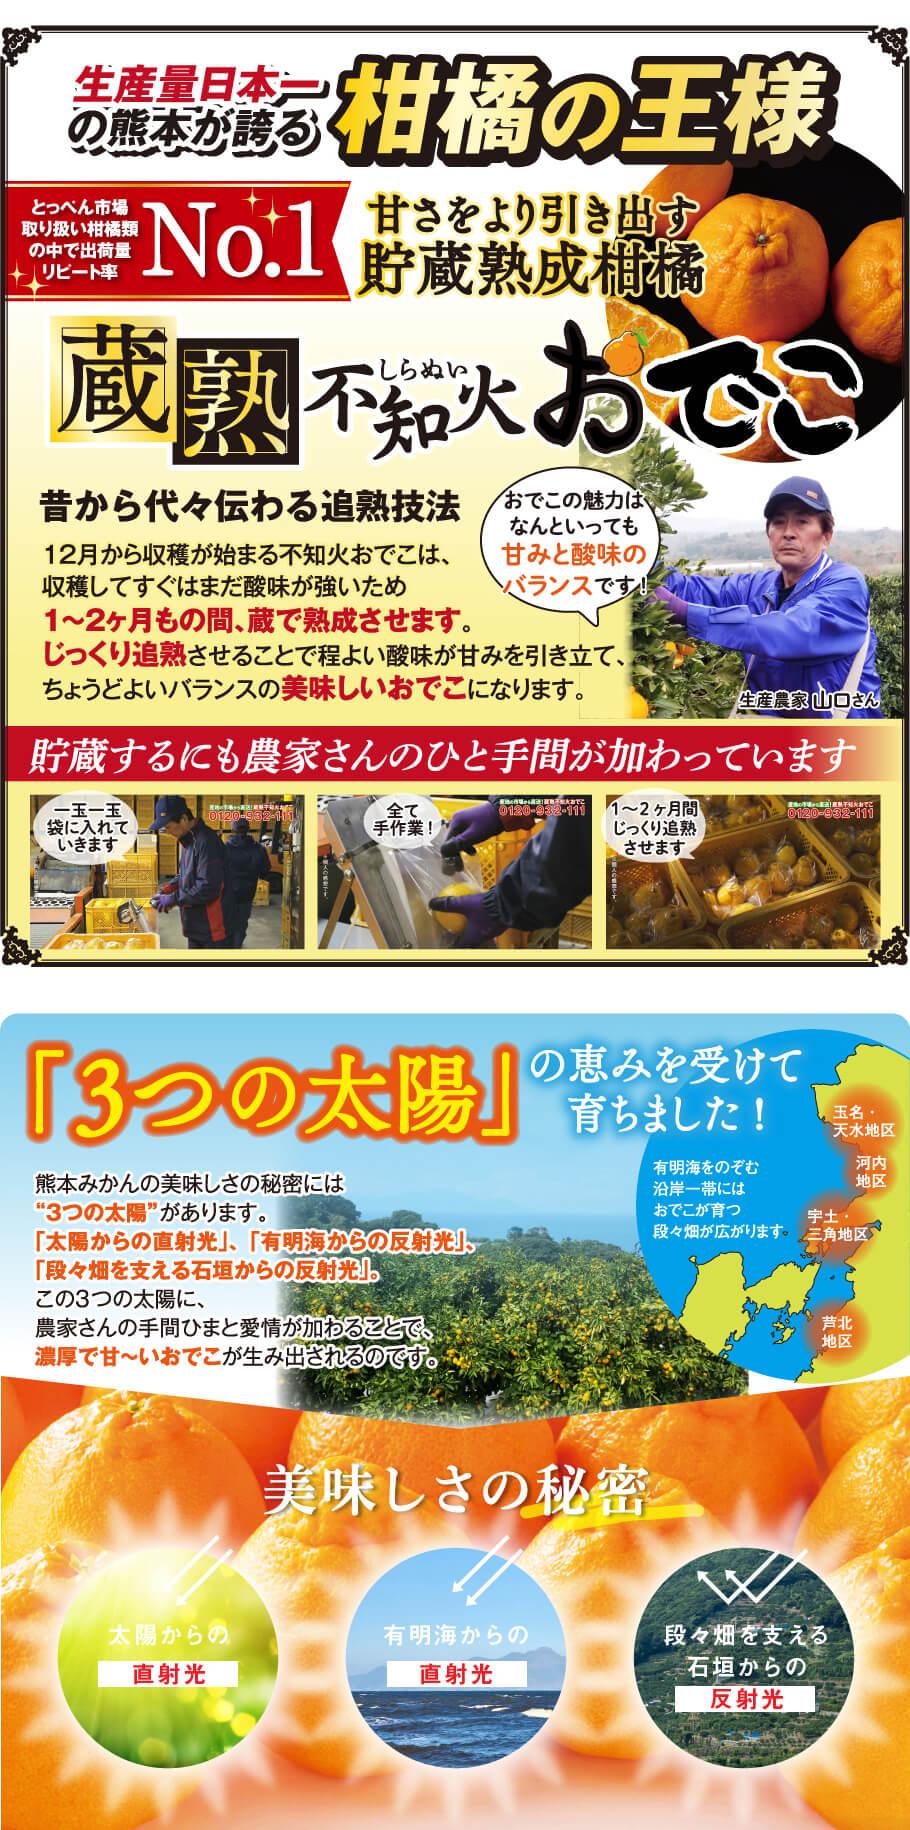 """生産量日本一の熊本から誇る柑橘の王様 とっぺん市場取り扱い柑橘類の中で出荷量リード率No1 甘さをより引き出す貯蔵熟成柑橘 蔵熟不知火おでこ 昔から代々伝わるか熟技法 12月から収穫が始まる不知火おでこは、収穫してすぐはまだ酸味が強いため1~2ヶ月の間、蔵で熟成させます。じっくり追熟させることで程良い酸味が甘みを引き立て、ちょうどよいバランスの美味しいおでこになります。貯蔵するにも農家さんのひと手間が加わっています。 「3つの太陽」の恵みを受けて育ちました!熊本みかんの美味しさの秘密には""""3つの太陽""""があります。「太陽からの直射光」、「有明梅からの反射光」、「段々畑を支える石垣からの反射光」。この3つの太陽に、農家さんの手間ひまと愛情が加わることで、濃厚で甘~いおでこが生み出されるのです。"""